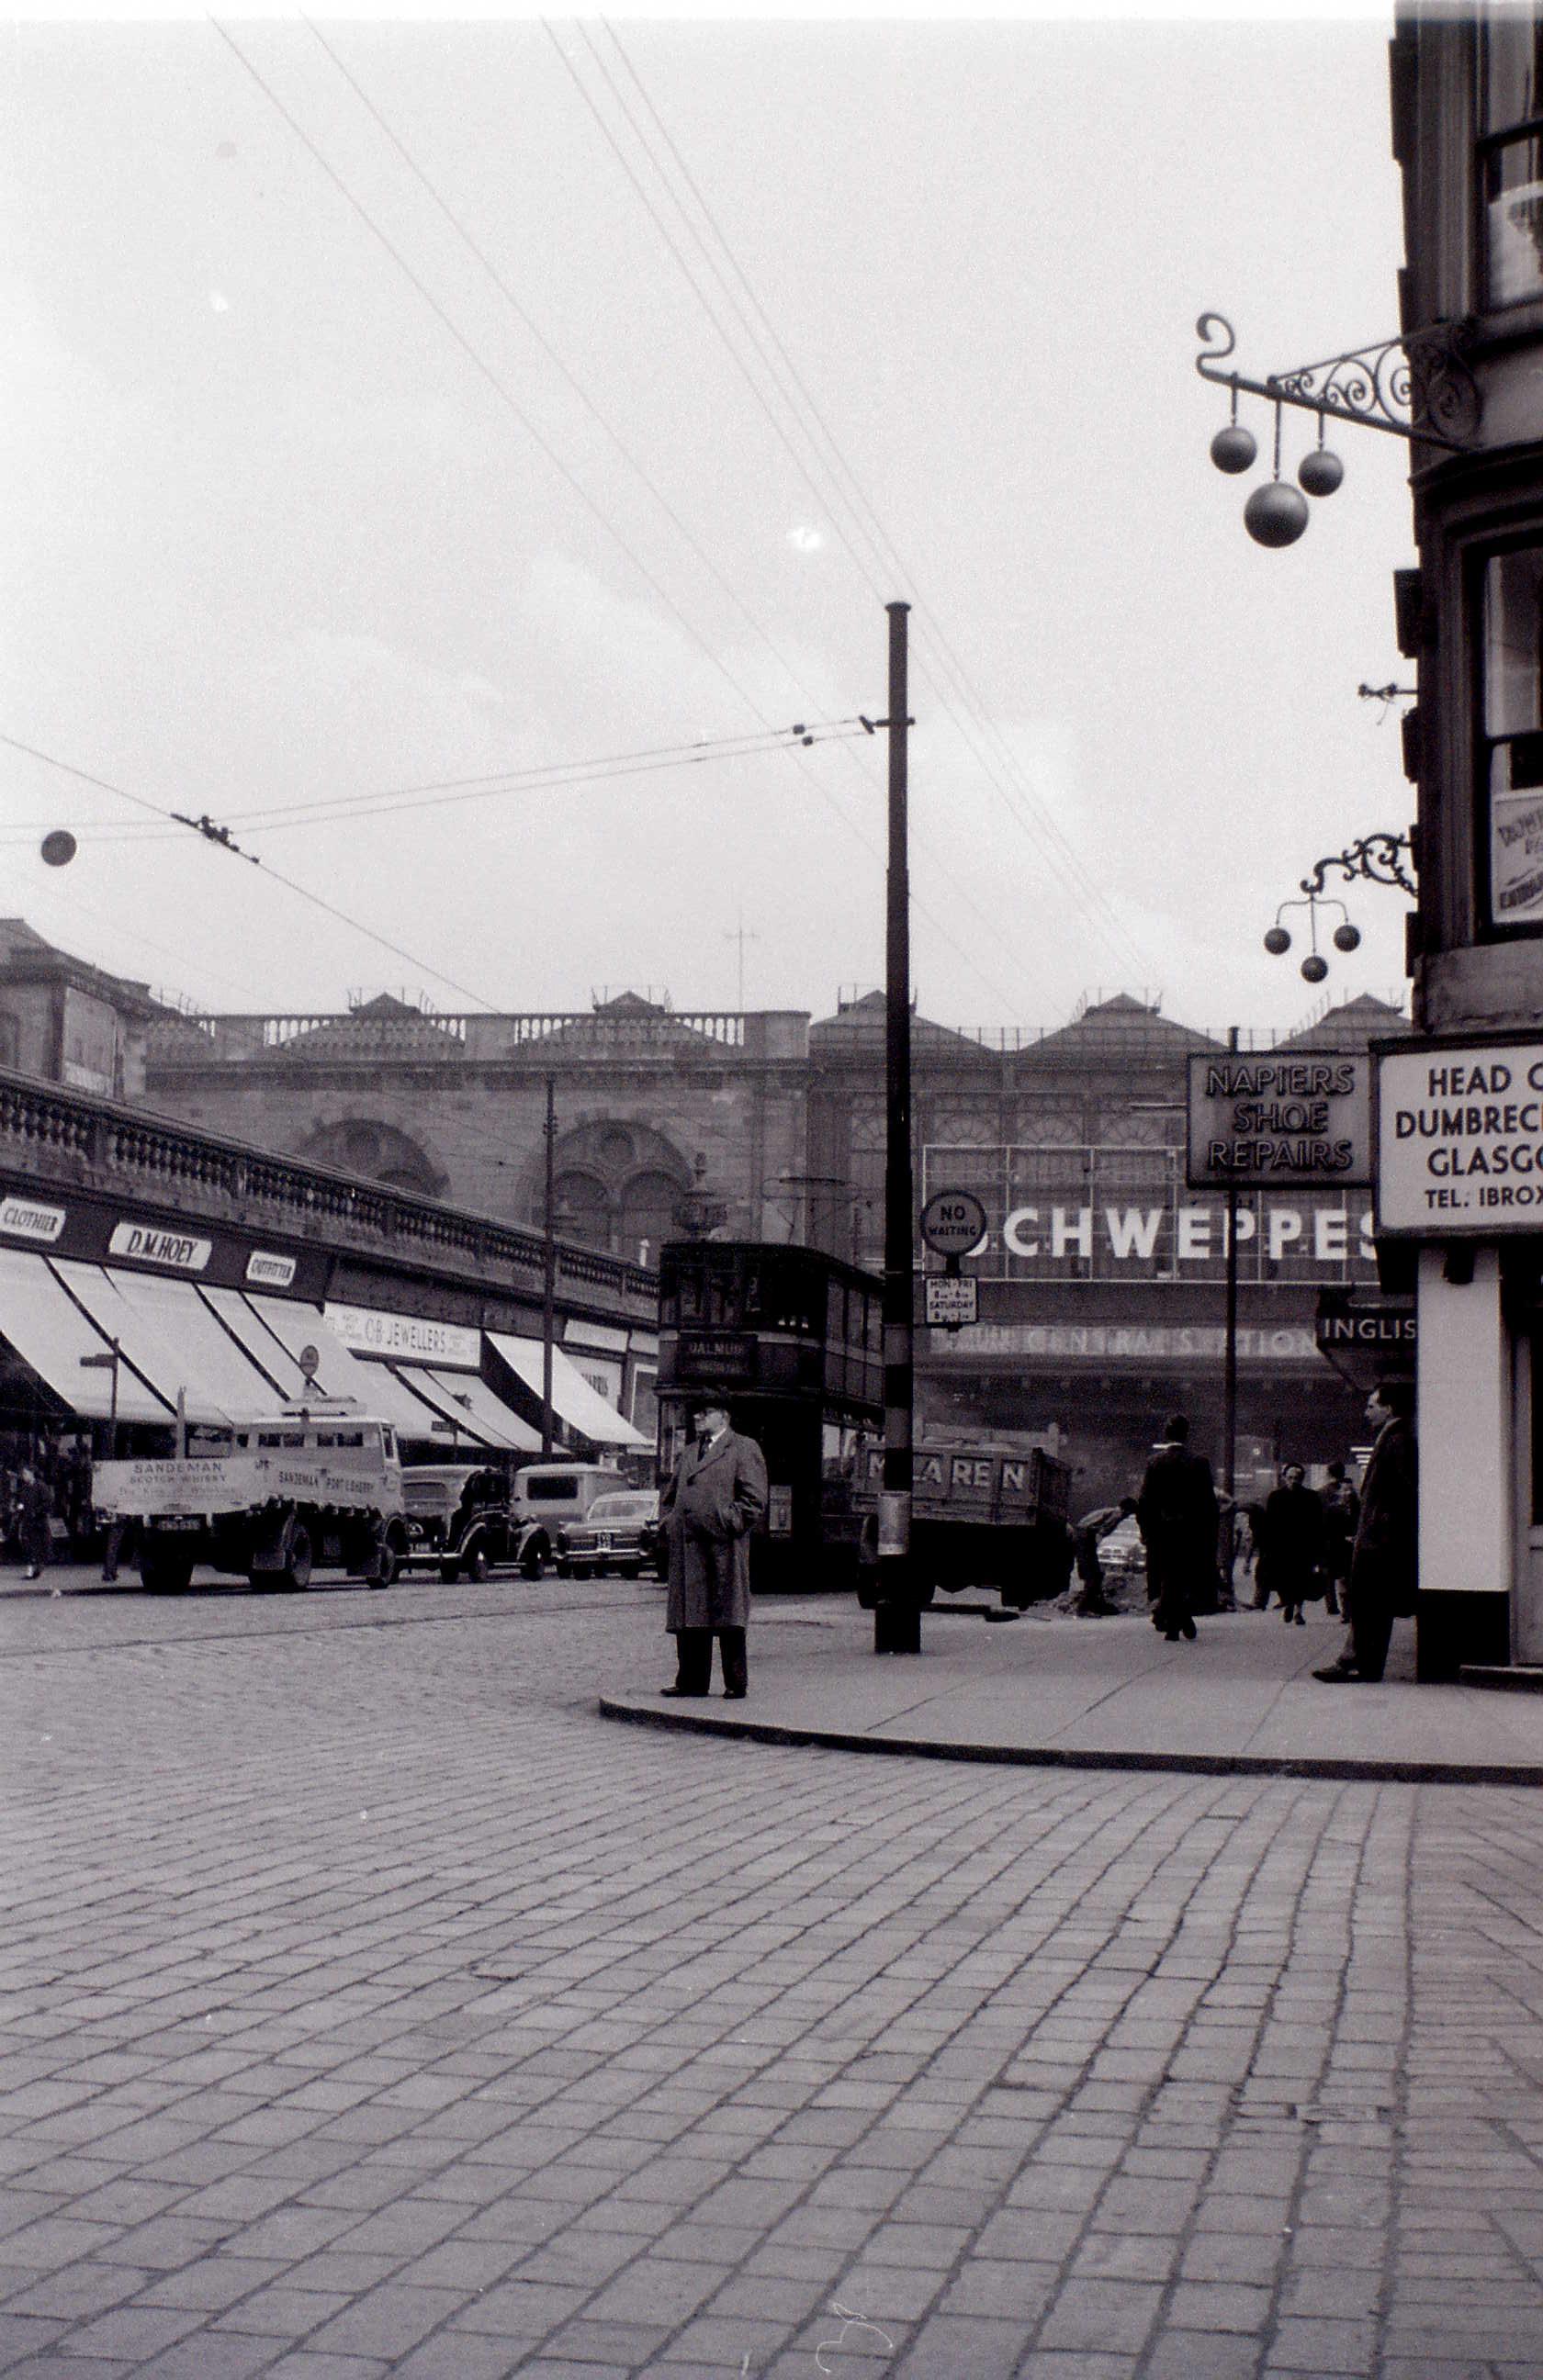 Глазго, 19 апреля 1960. Аргайл-Стрит 1.jpg